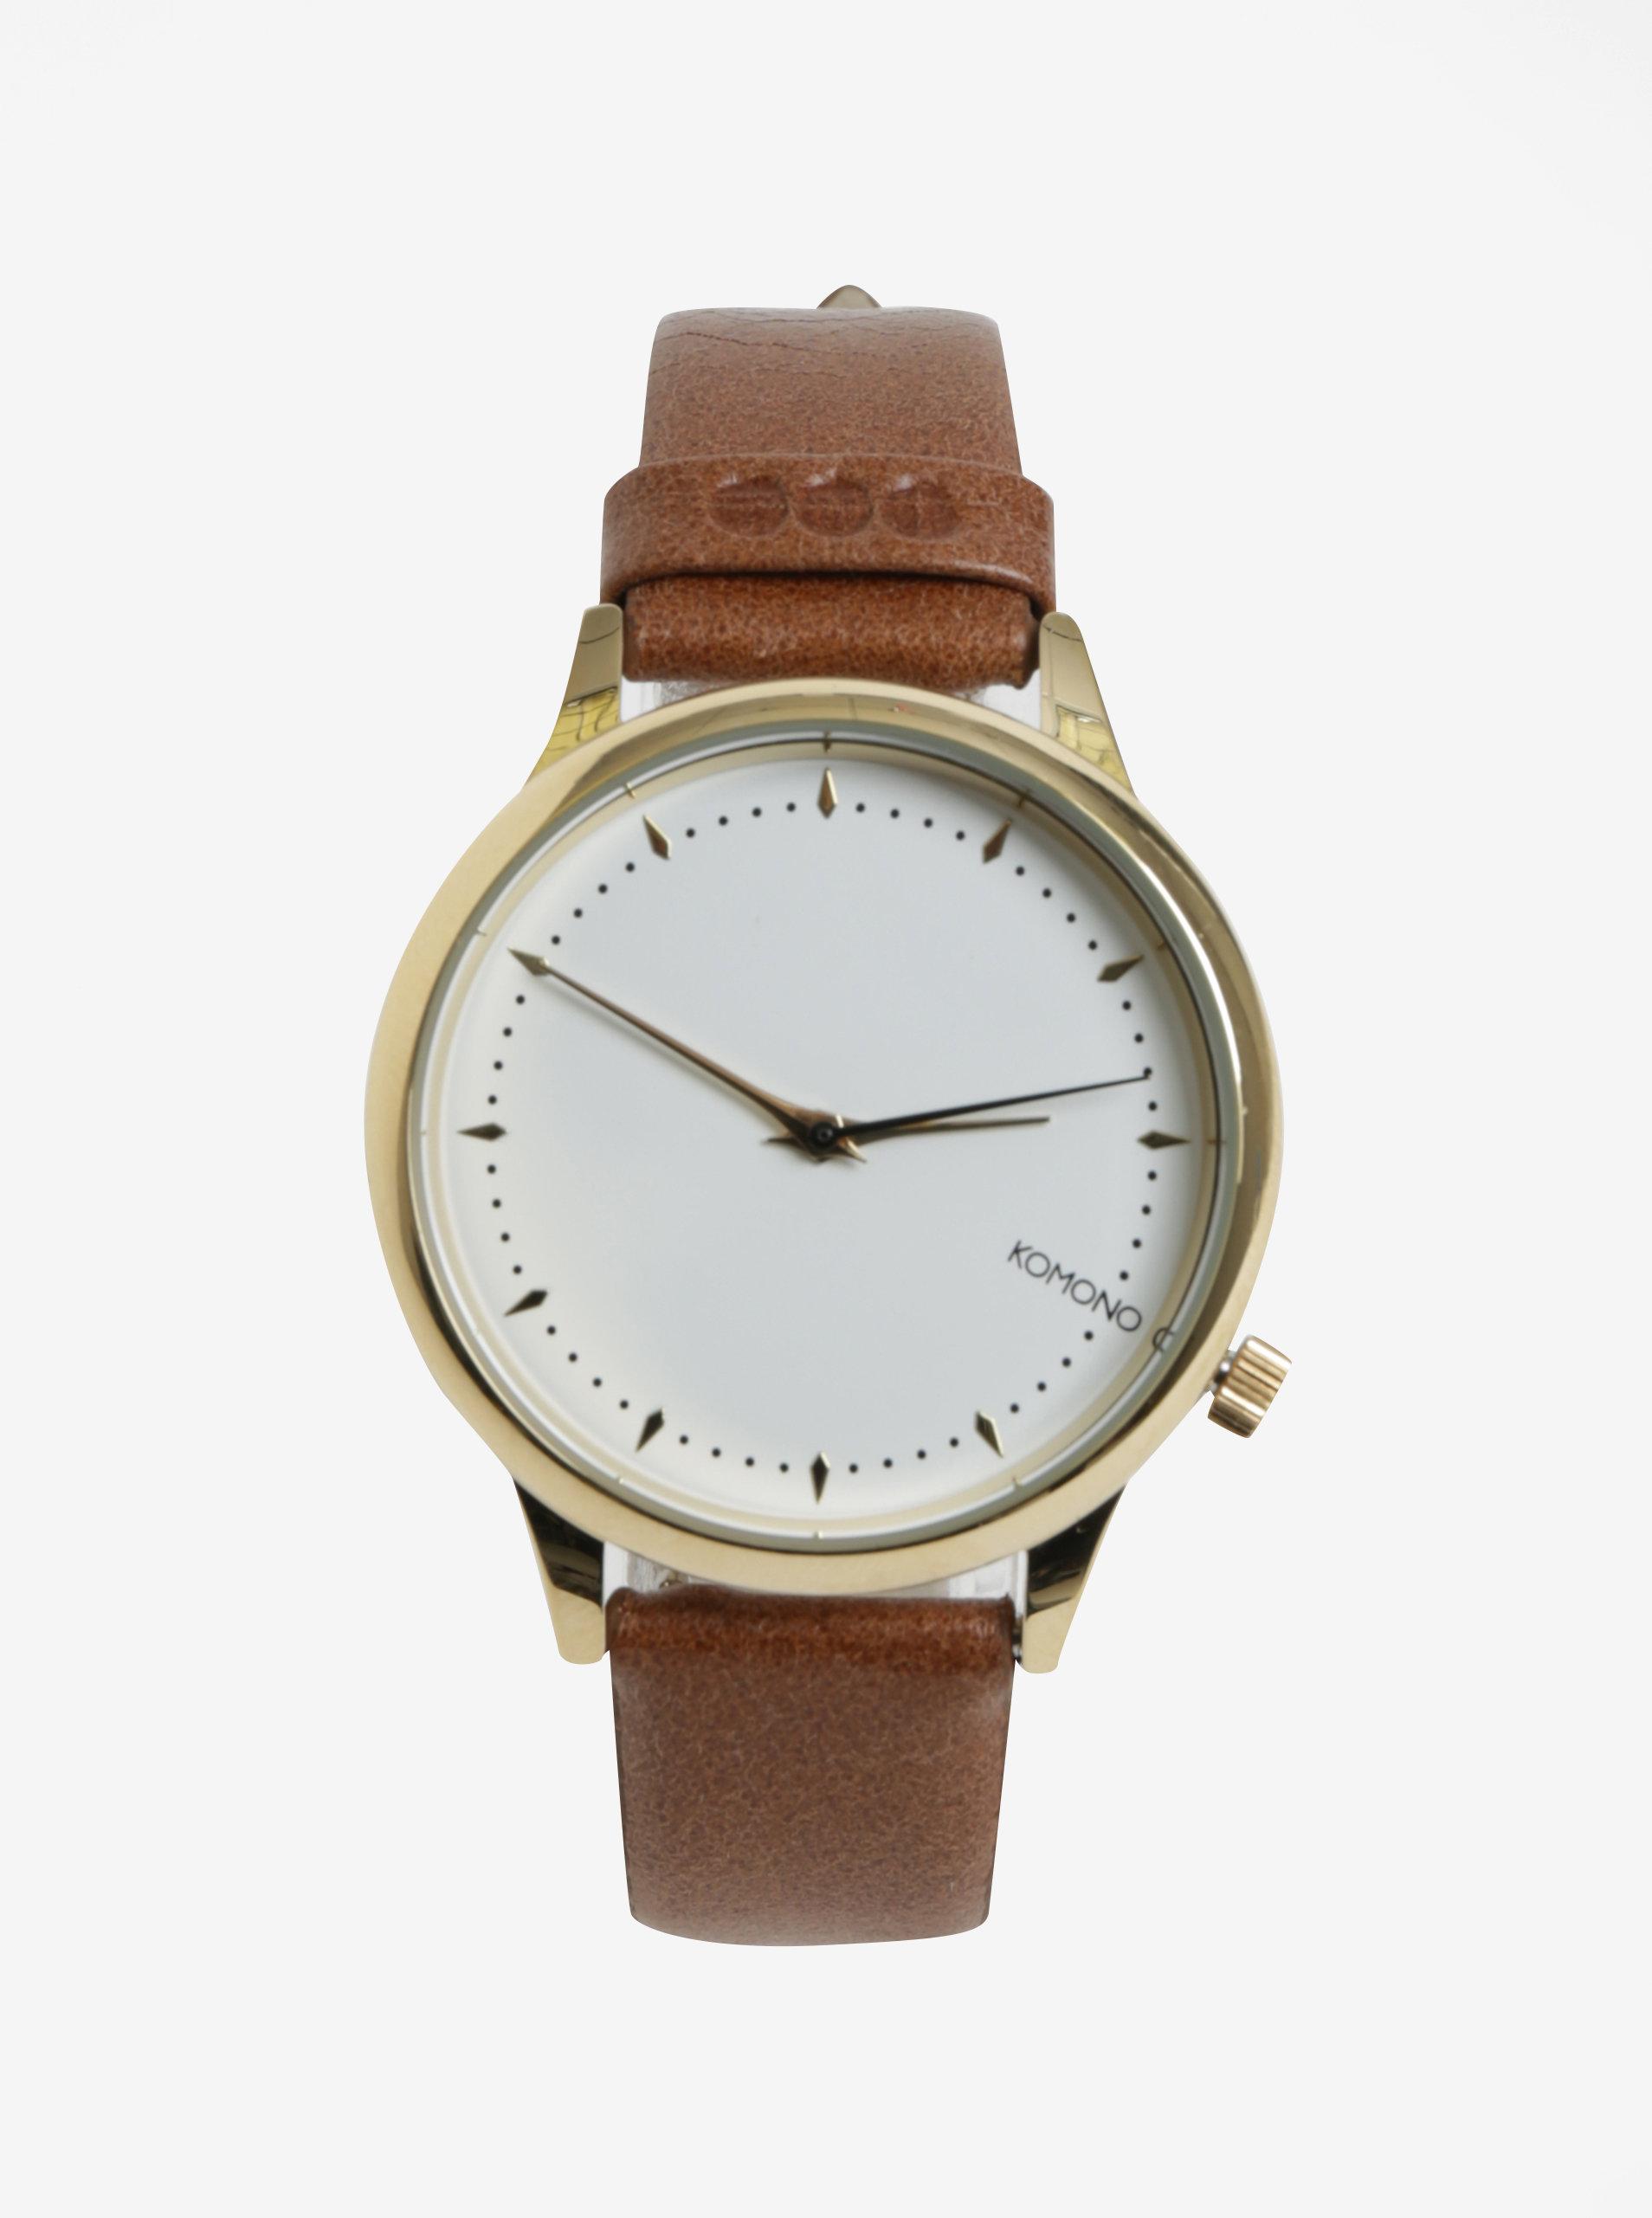 Bílo-černé dámské hodinky s kovovým páskem Komono Estelle Royale ... e40d04cdcd